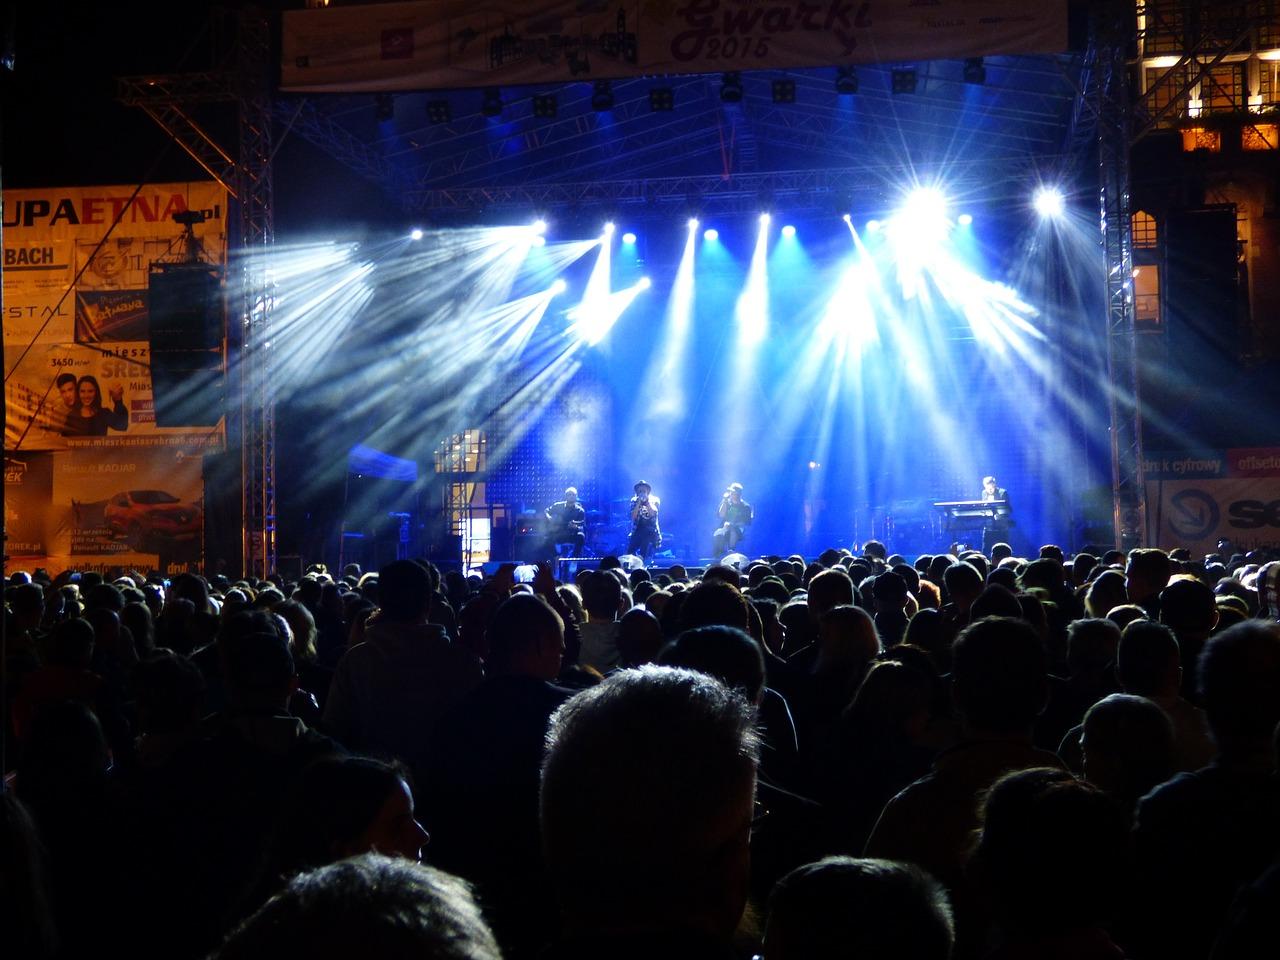 concert-1311334_1280